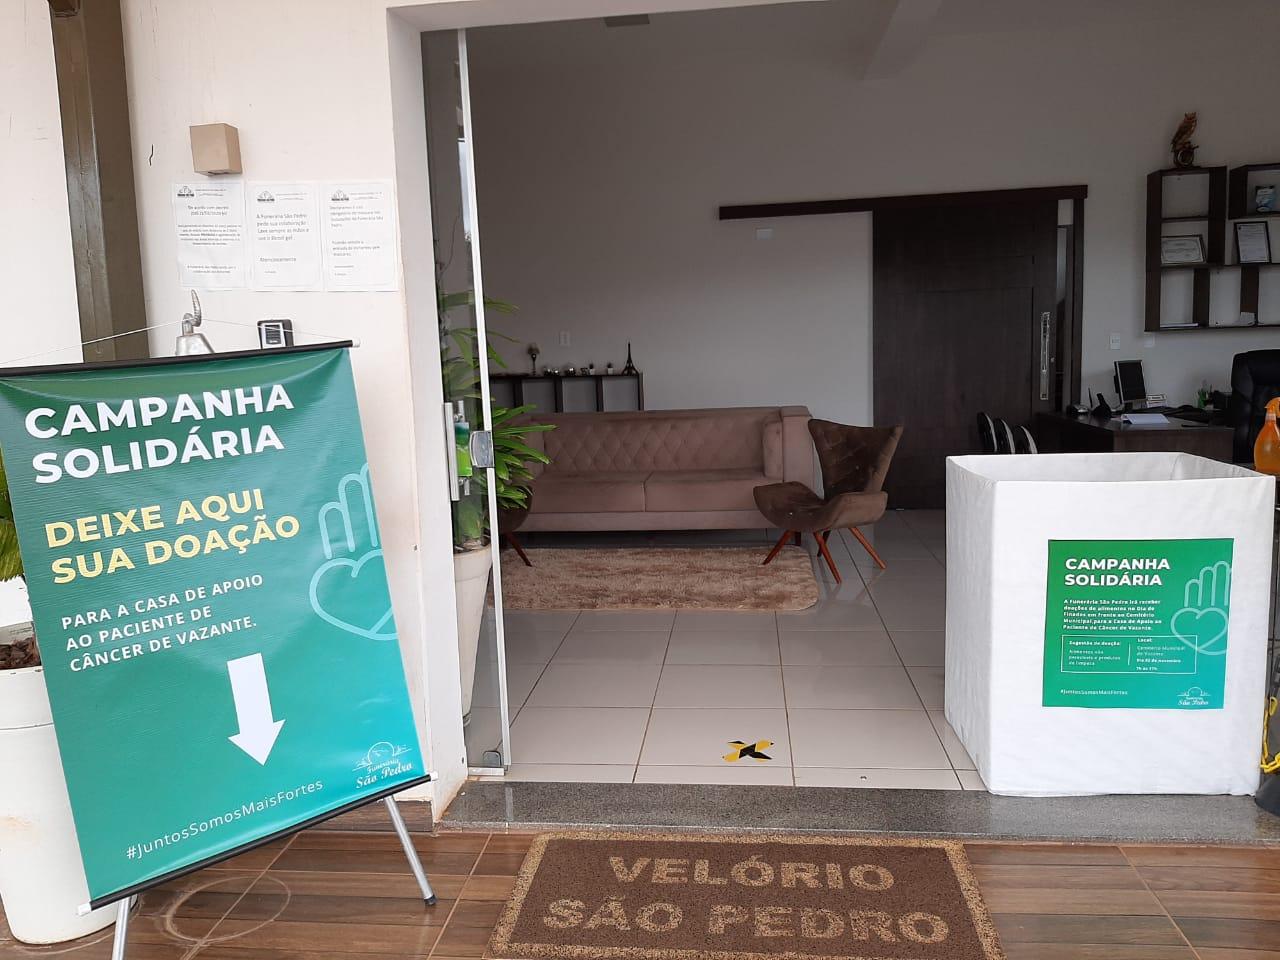 Funerário São Pedro realiza campanha solidária em prol da Casa de Apoio